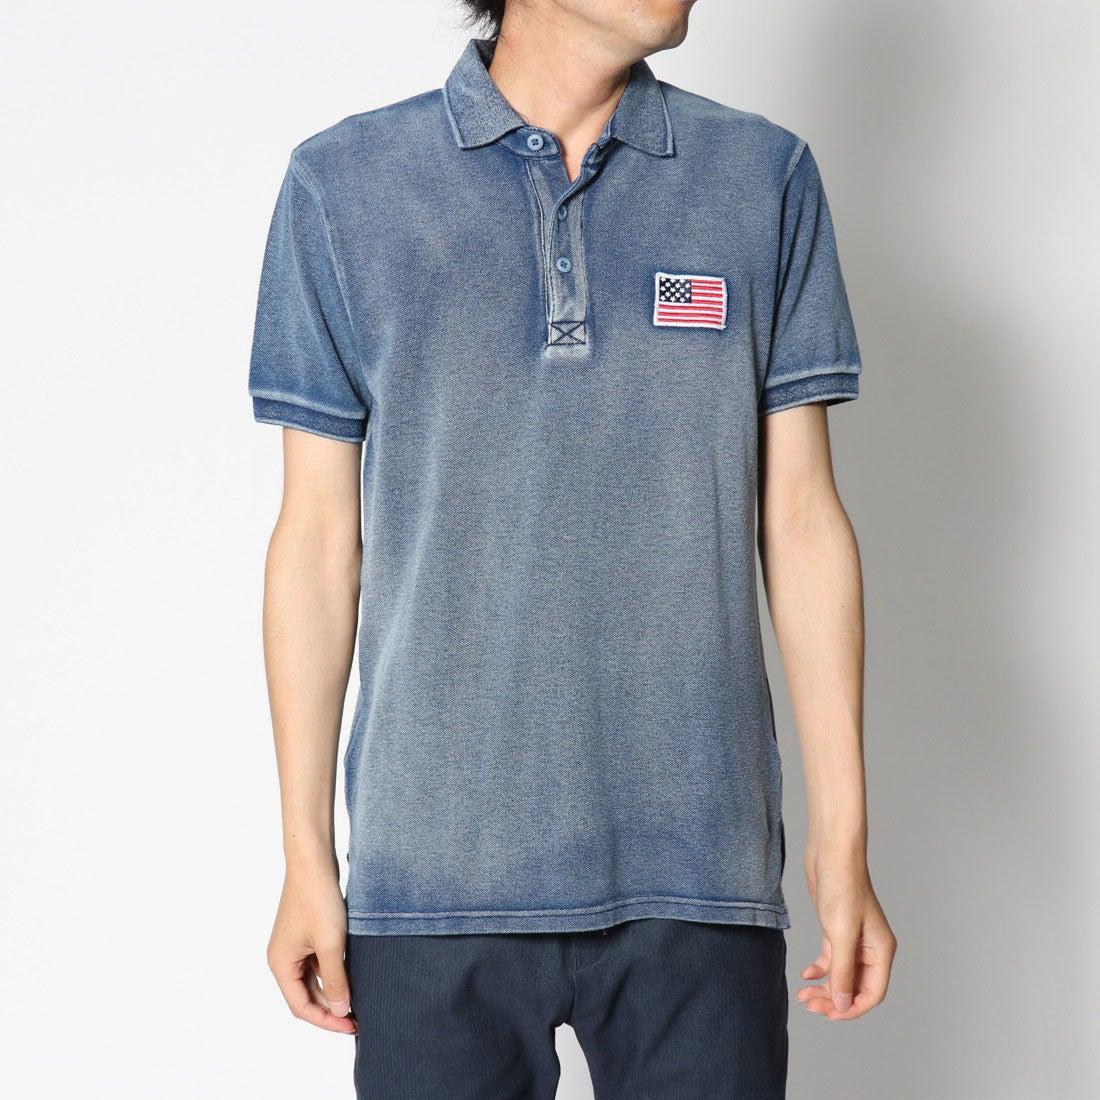 ロコンド 靴とファッションの通販サイトスタイルブロック STYLEBLOCK USA星条旗胸刺繍鹿の子半袖ポロシャツ (ネイビー)